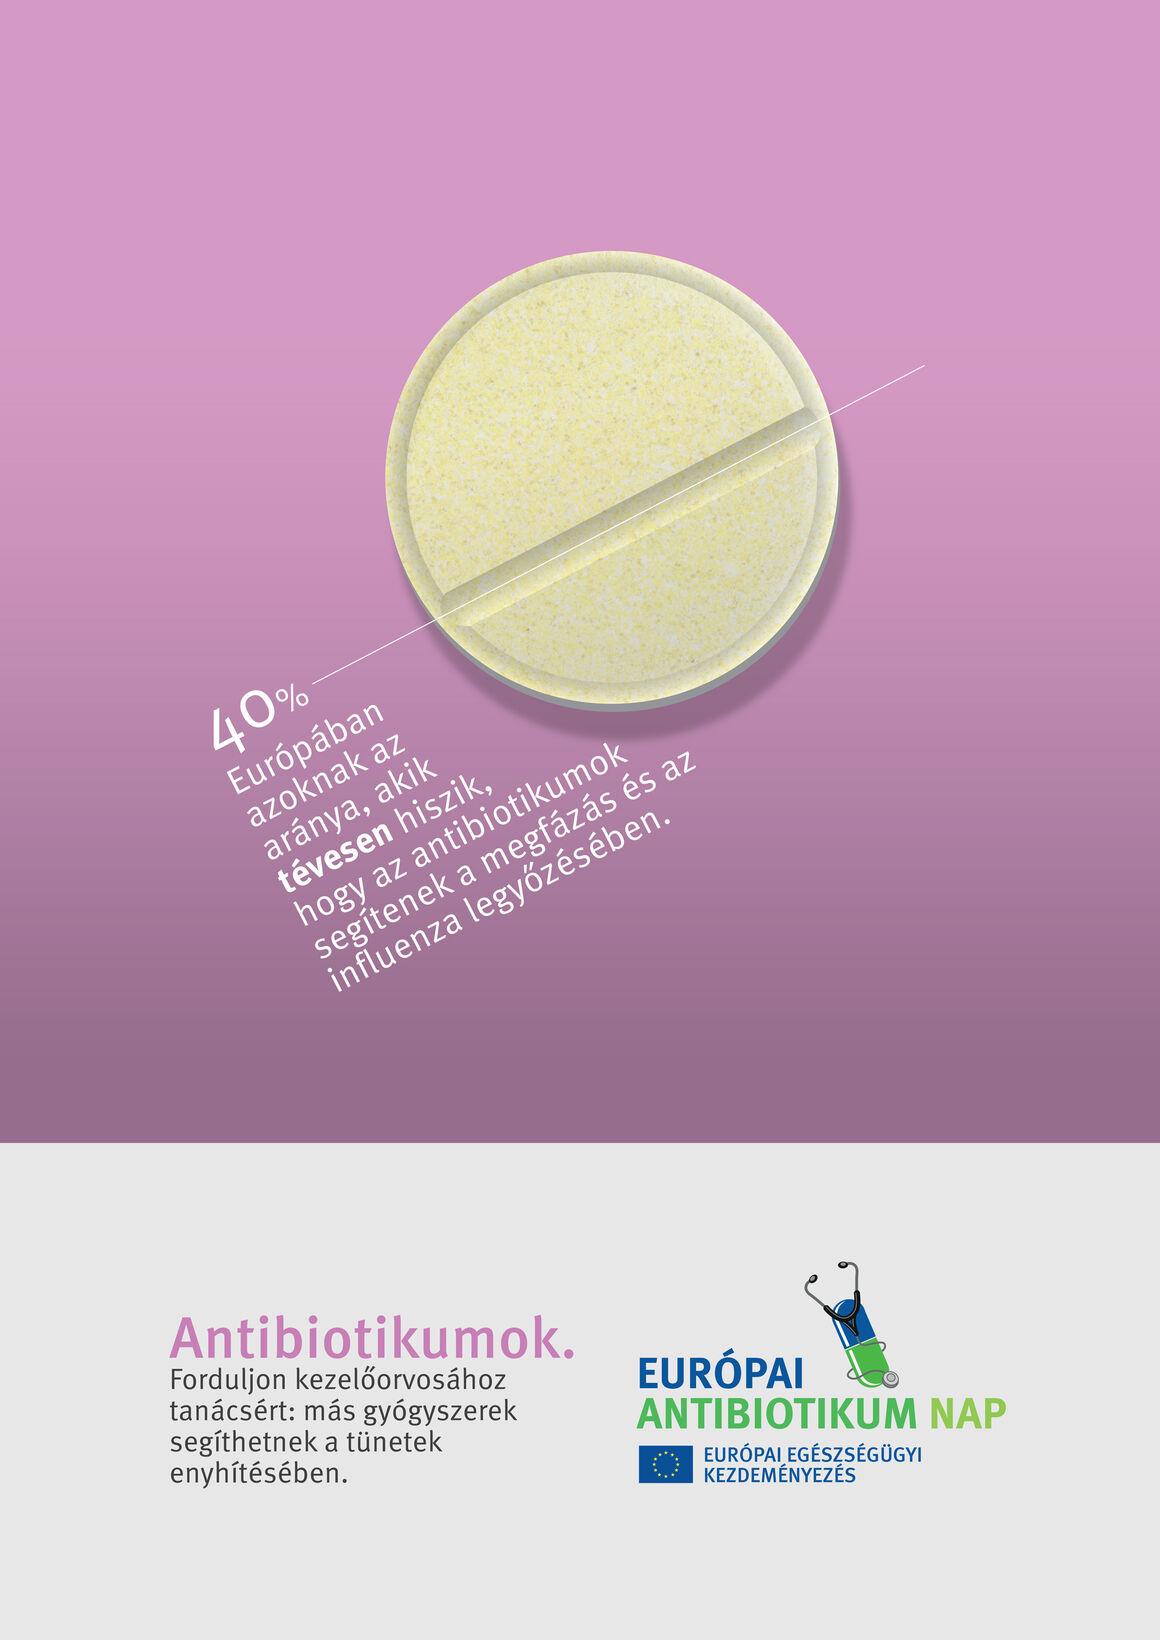 Plakátok: Antibiotikumok. Forduljon kezelőorvosához tanácsért: más gyógyszerek segíthetnek a tünetek enyhítésében.